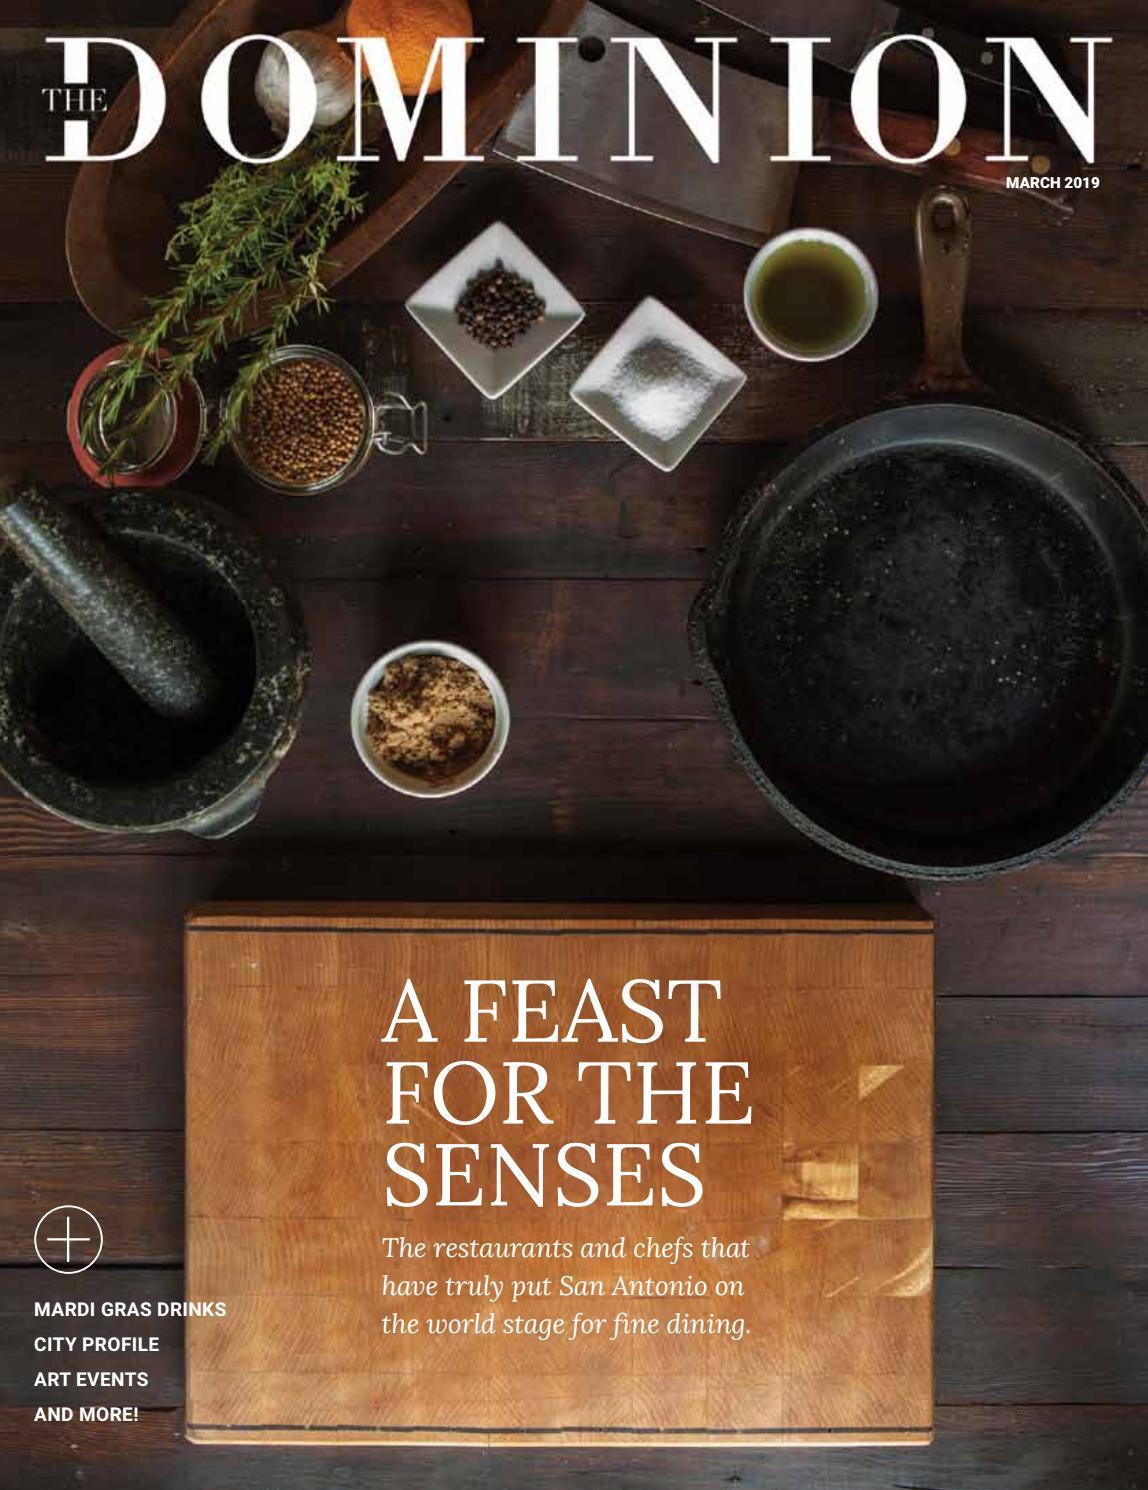 Dominion Magazine - March 2019 by Ben Schooley - issuu